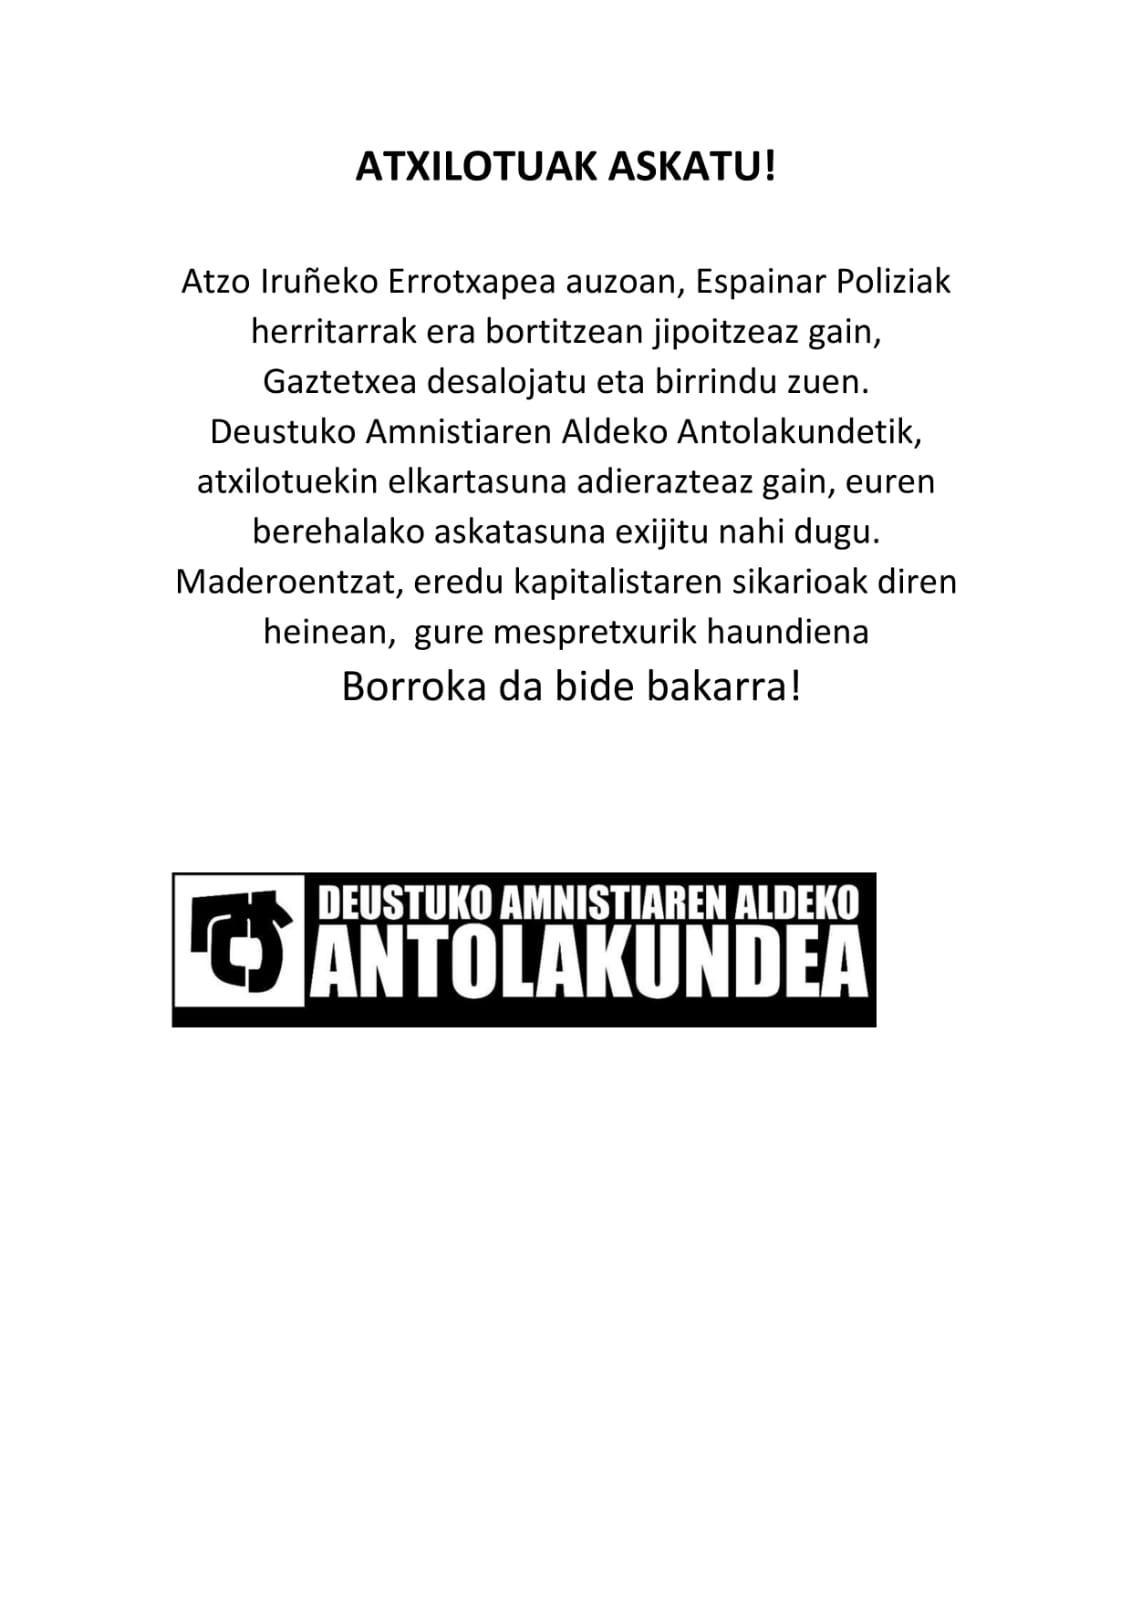 DEUSTUKO AMNISTIAREN ALDEKO ANTOLAKUNDEAK atzo Polizia Nazionalak Errotxapea auzoan burututako atxiloketen inguruan egindako irakurketa